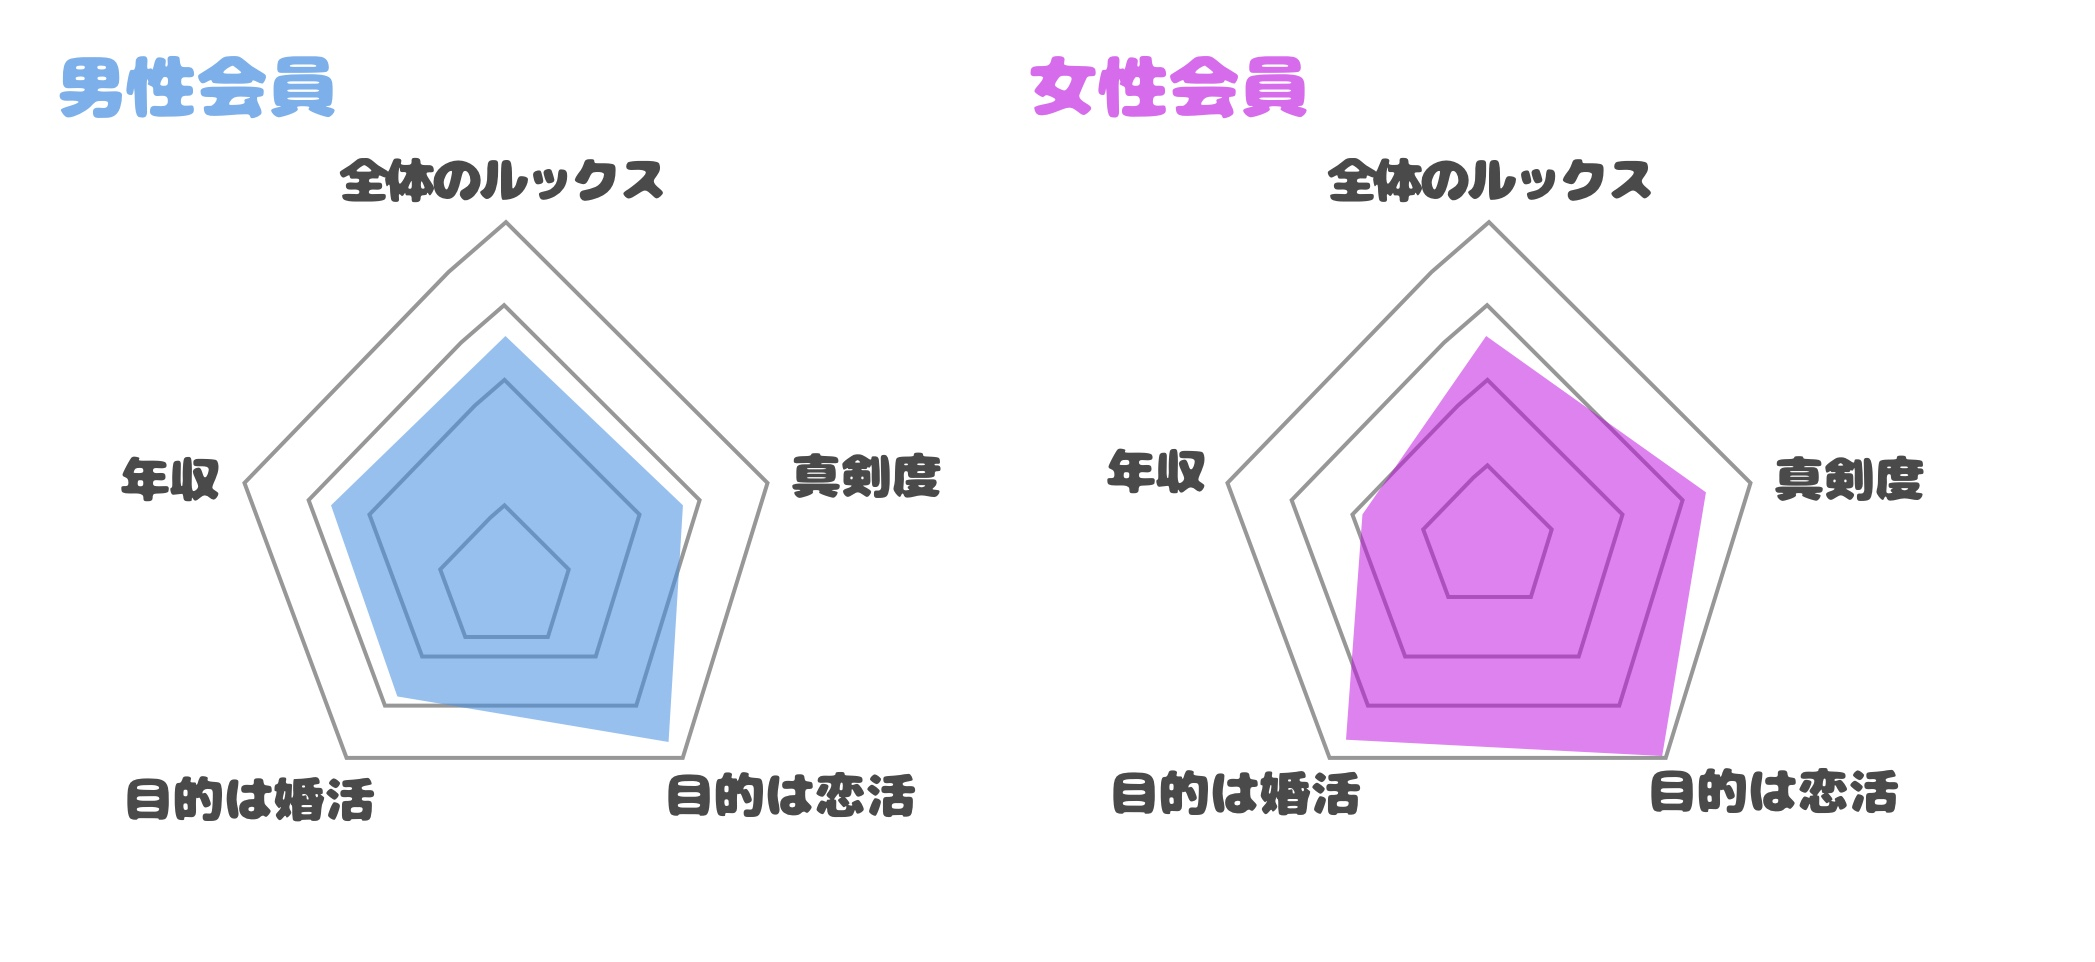 omiai-口コミ-評判-4